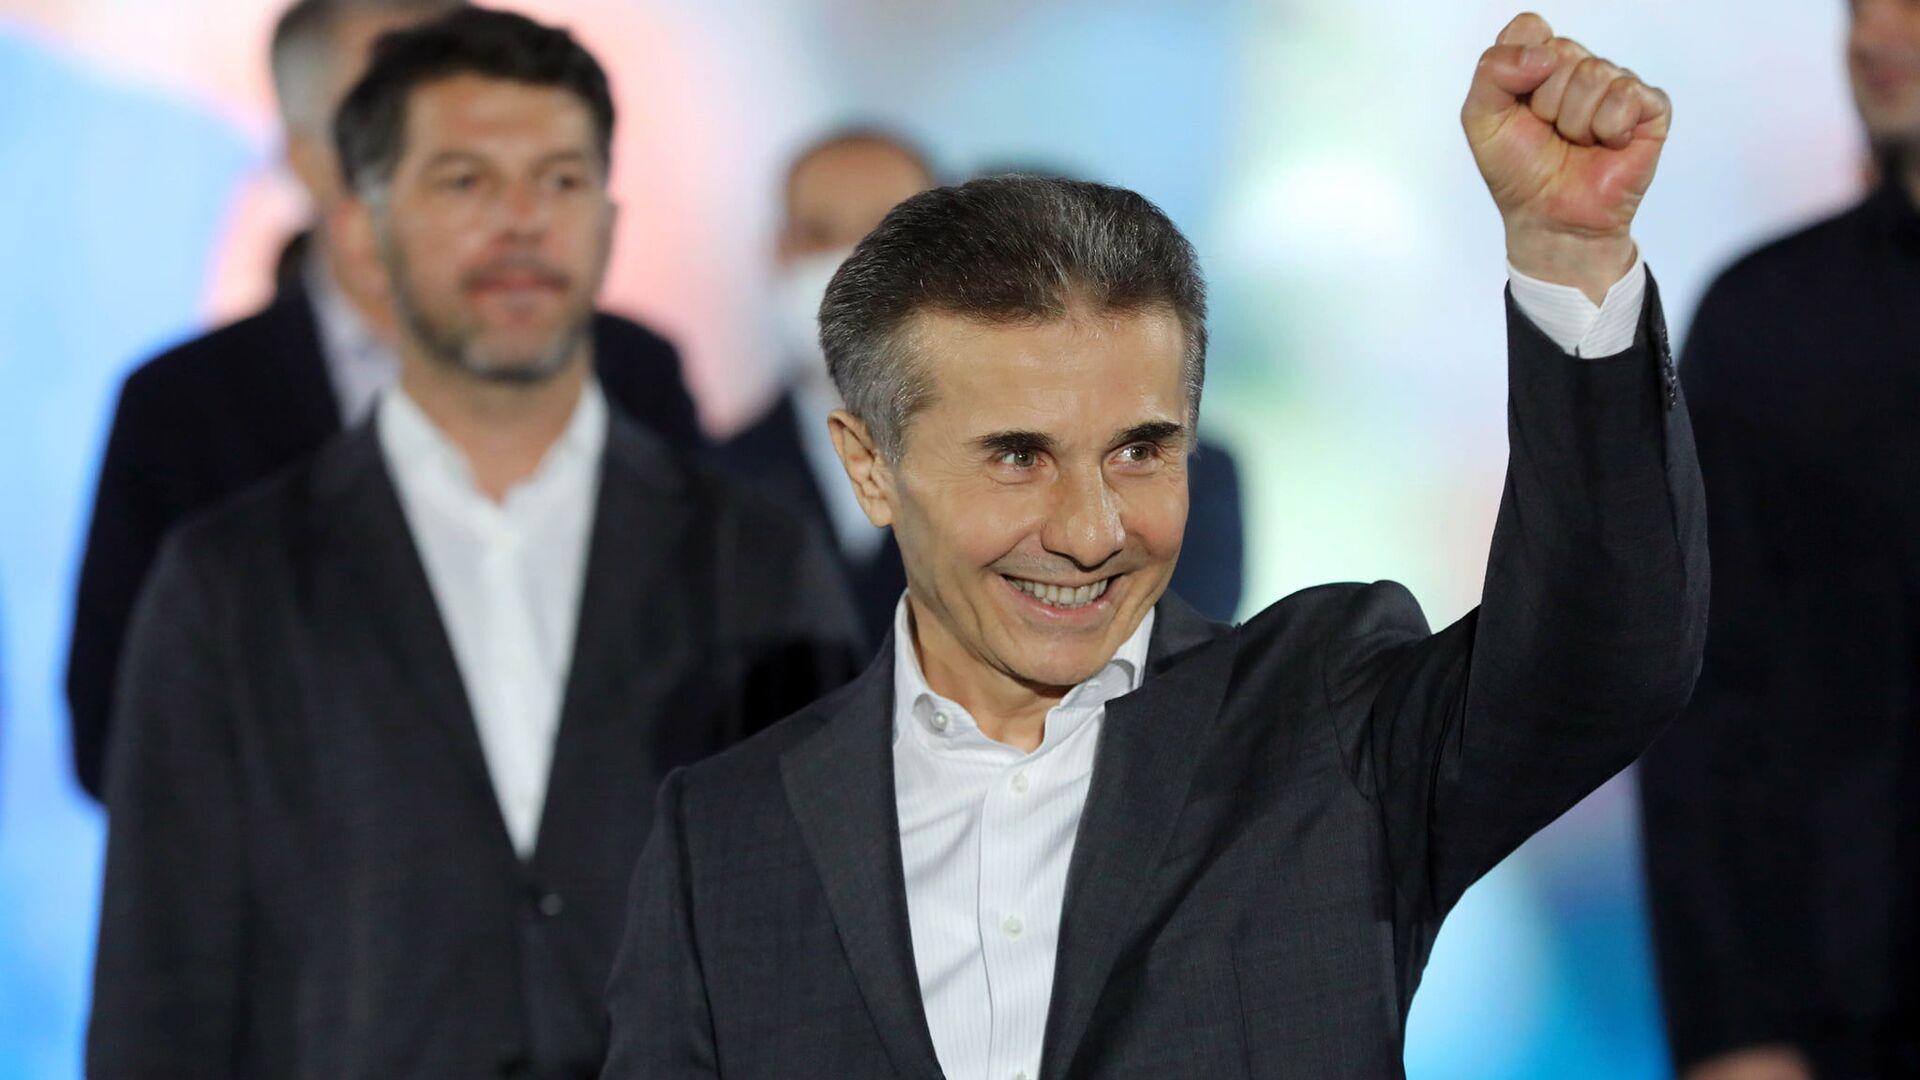 Бидзина Иванишвили, основатель партии Грузинская мечта - Sputnik Грузия, 1920, 04.10.2021